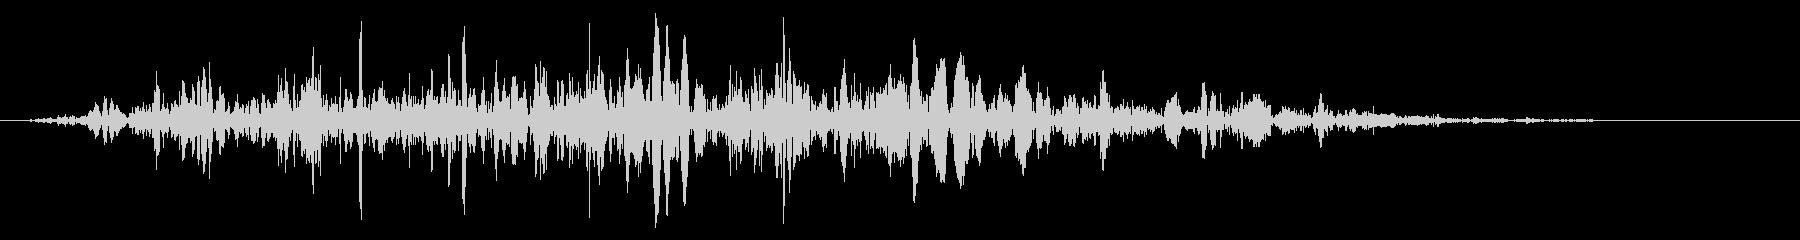 スライムなどが蠢く音タイプA#8の未再生の波形